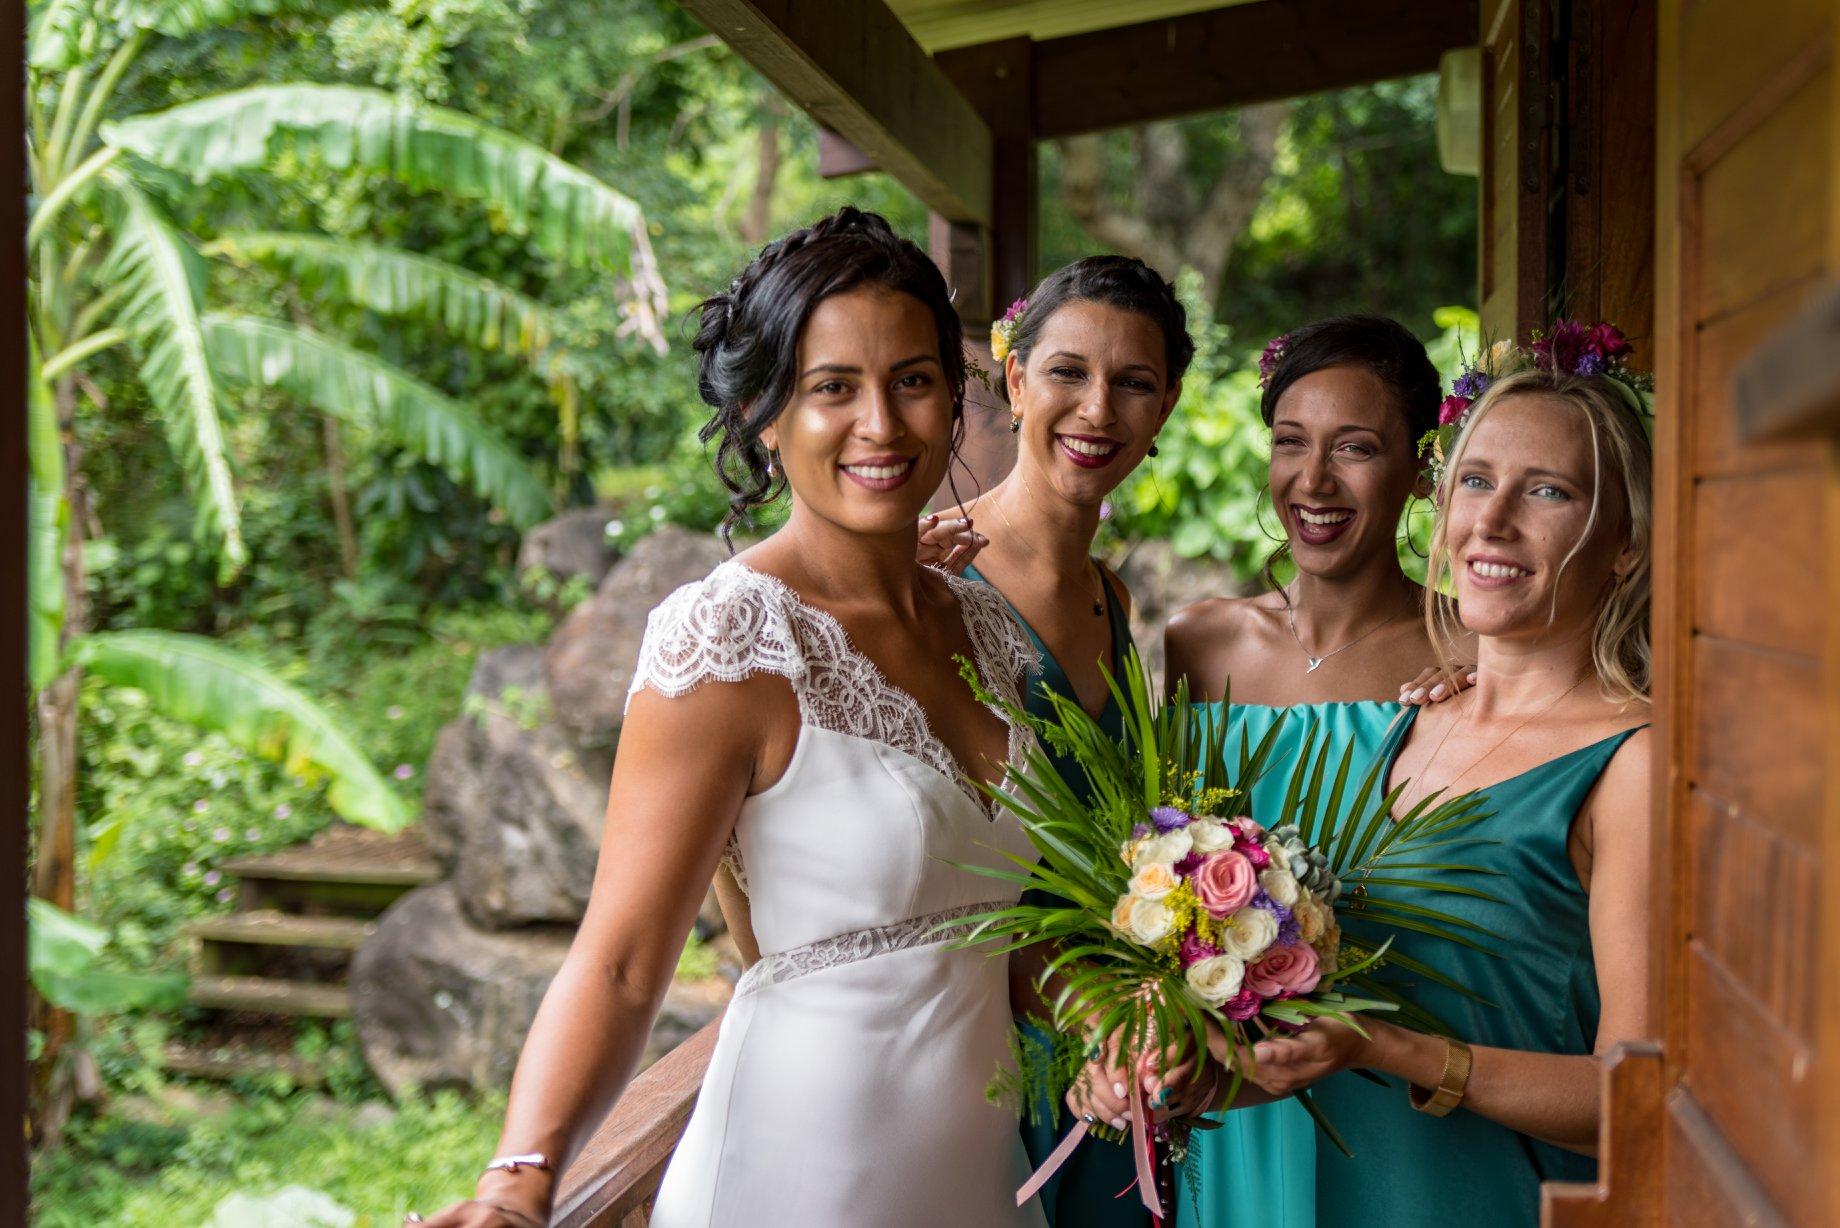 MRevenement organisation mariage à la Réunion _ La mariée et ses demoiselles d'honneur (46).jpg